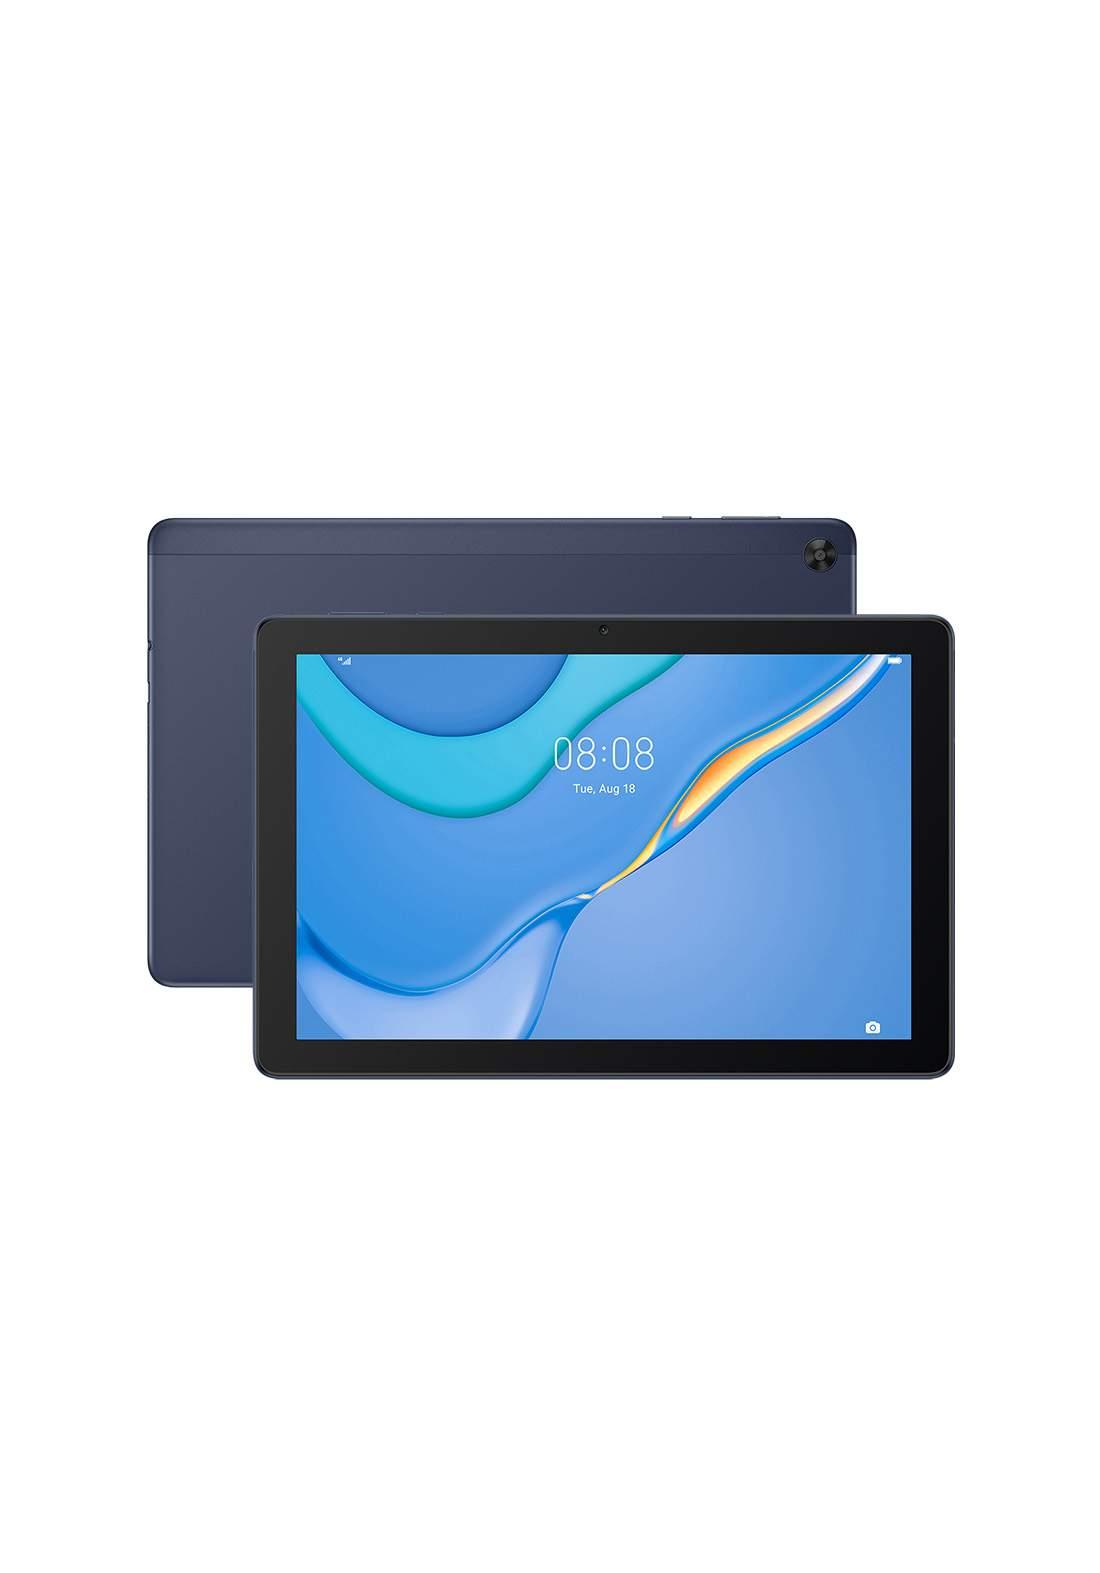 Huawei Matepad T10 WiFi - 2GB RAM - 16GB - Deep Sea Blue